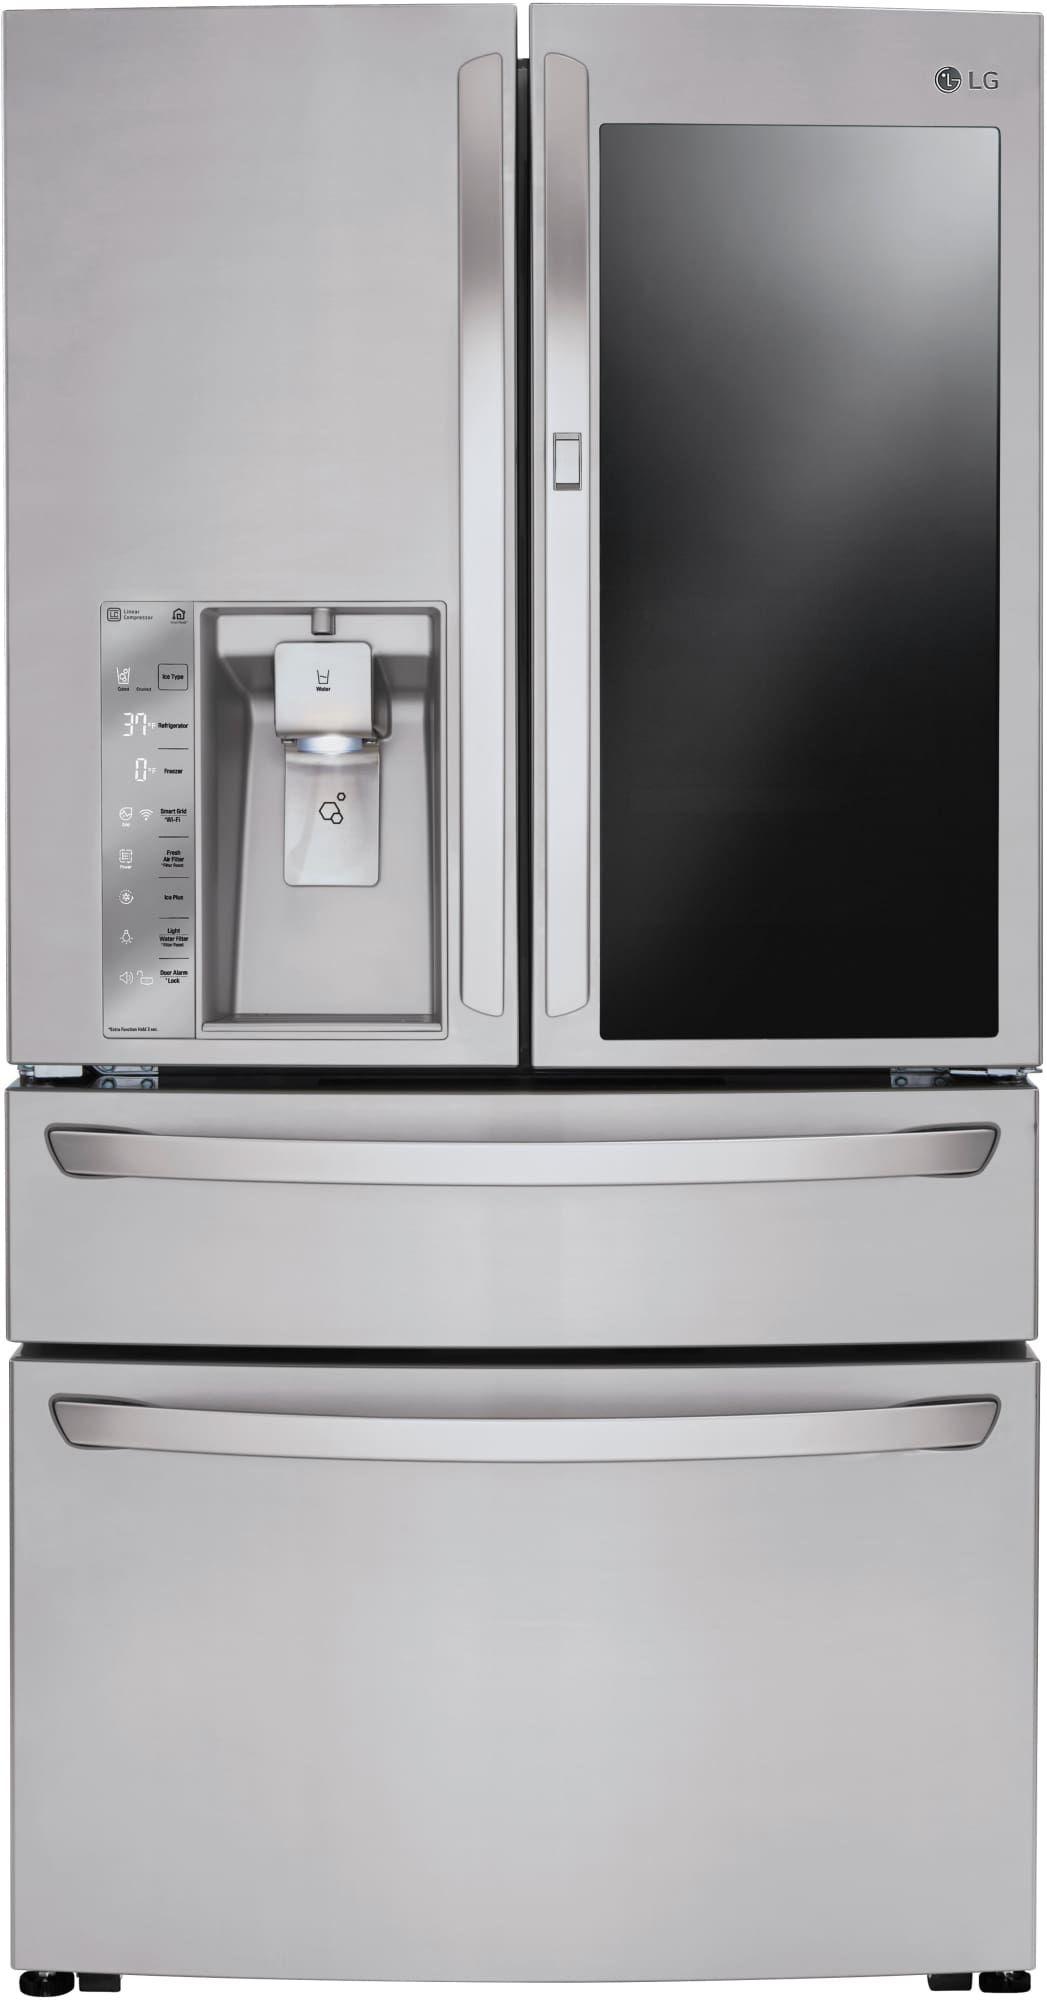 Lg Lmxc23796s 36 Inch Counter Depth 4 Door Smart French Door Refrigerator With 22 7 Cu Ft Capacity Instaview Door In Door Ice And Water Dispenser Dual Ev Lg French Door Refrigerator Counter Depth French